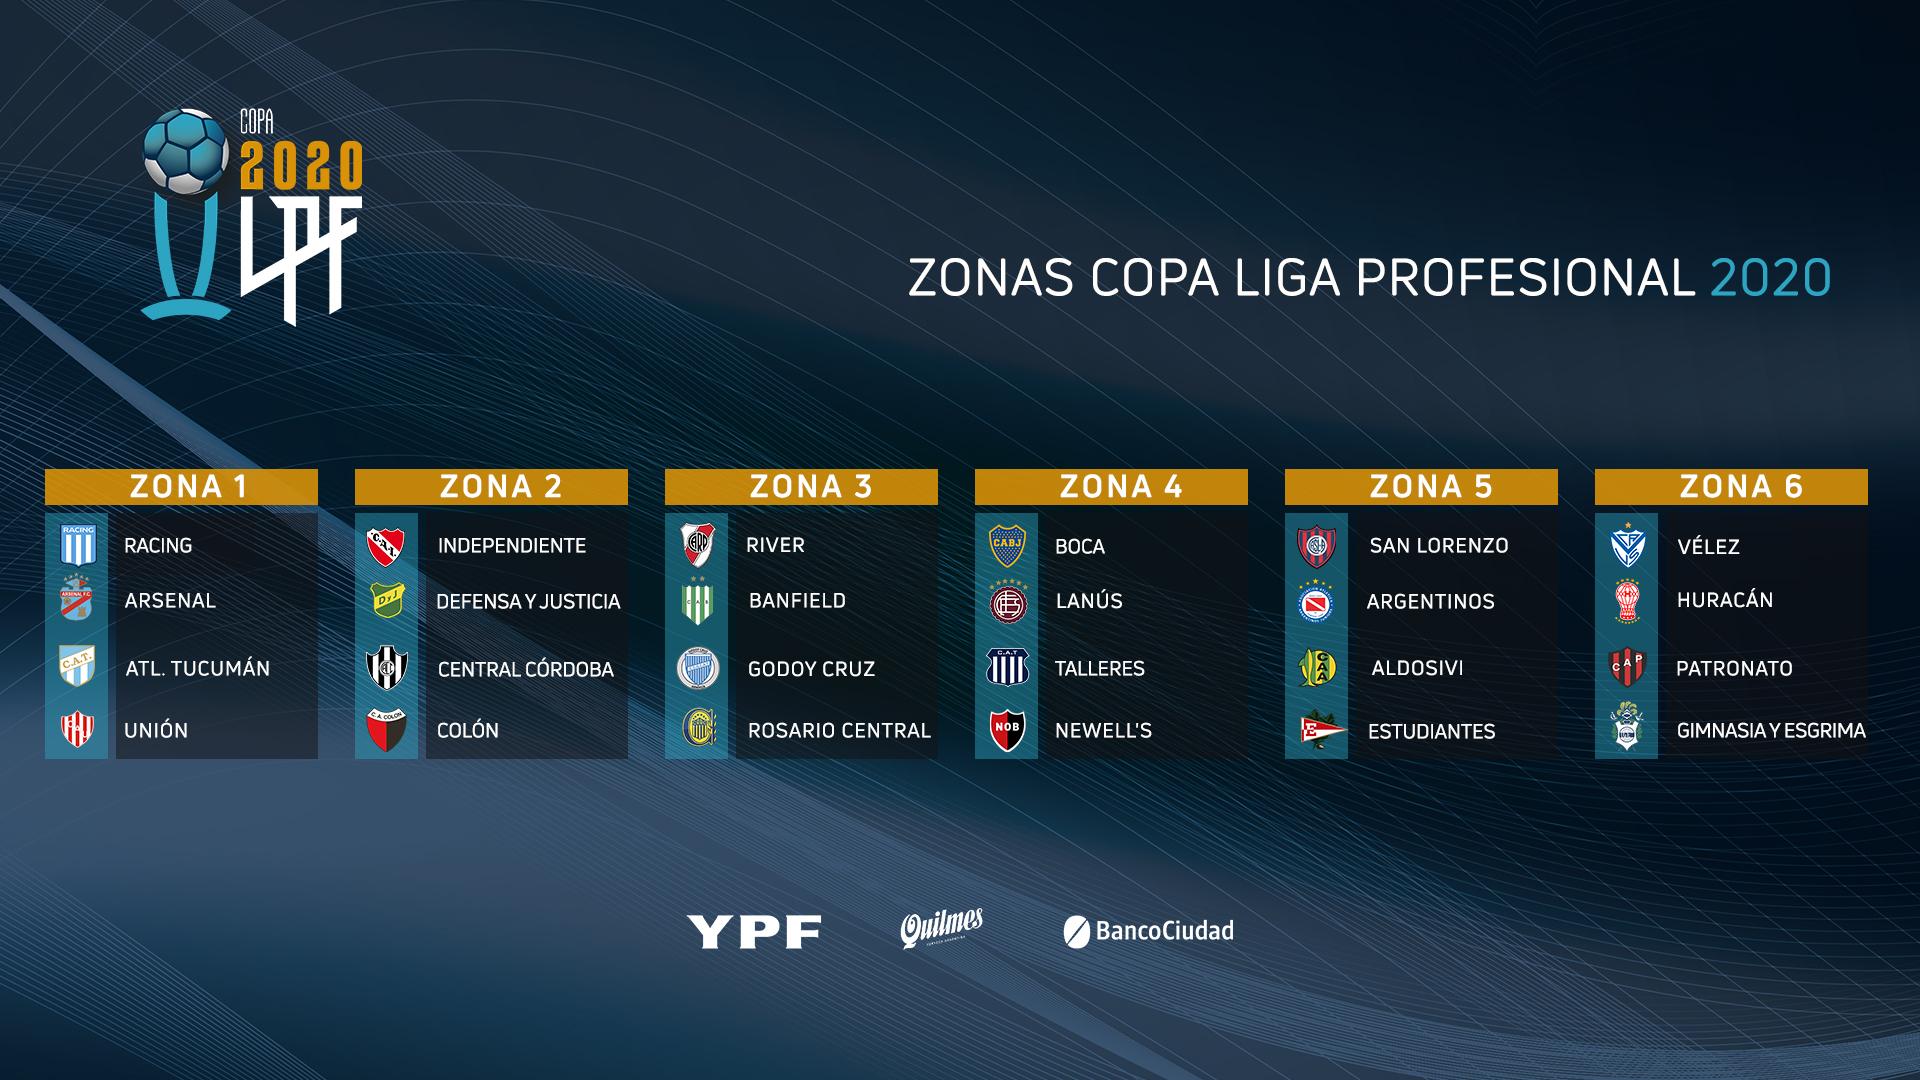 Liga Profesional de Fútbol: Ya están definidos los grupos